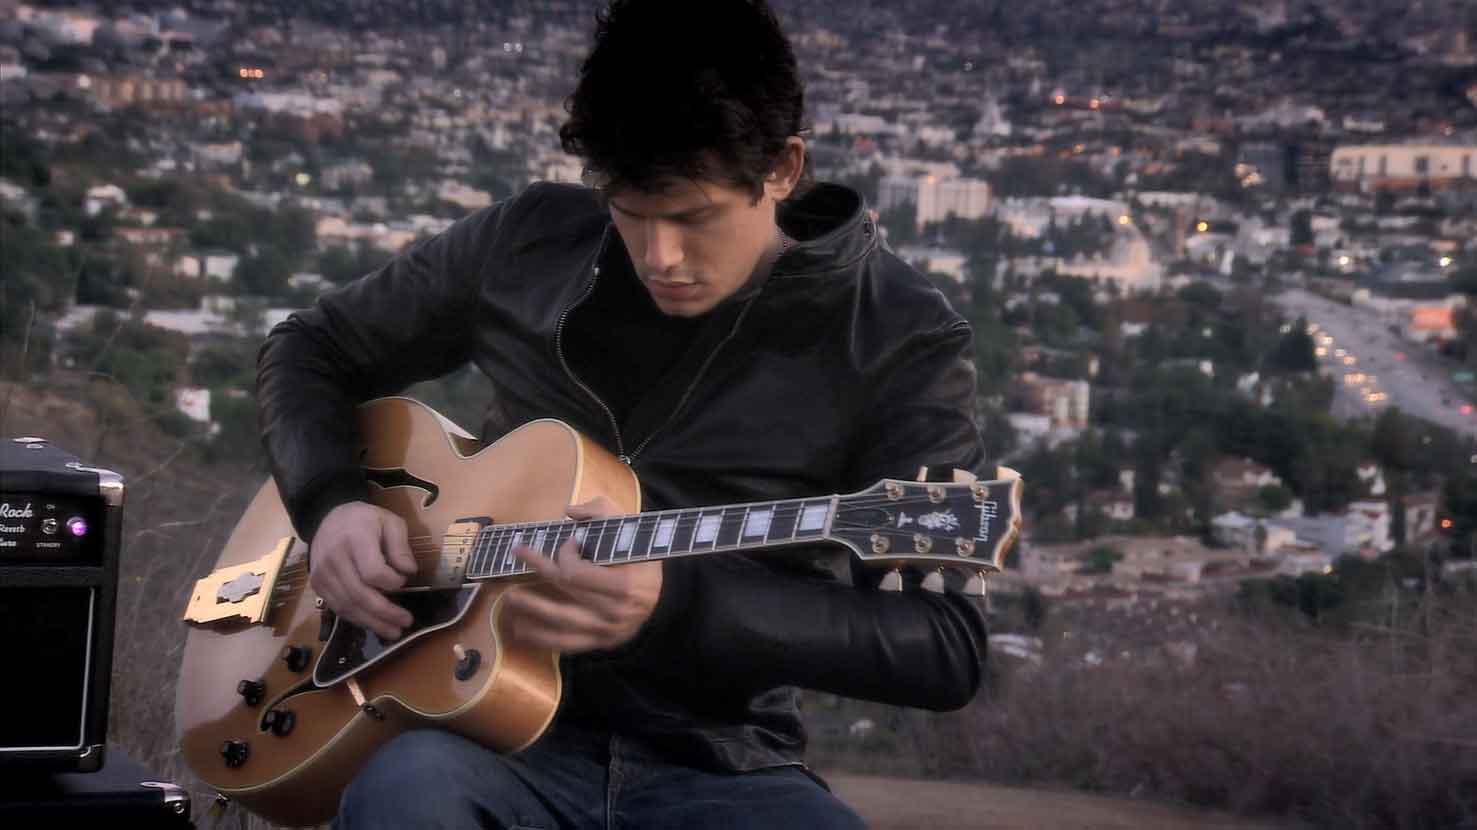 [蓝光原盘] 约翰迈尔:聚焦洛杉矶现场 Where The Light Is: John Mayer Live In Los Angeles (2008) 《ISO 44.9G》